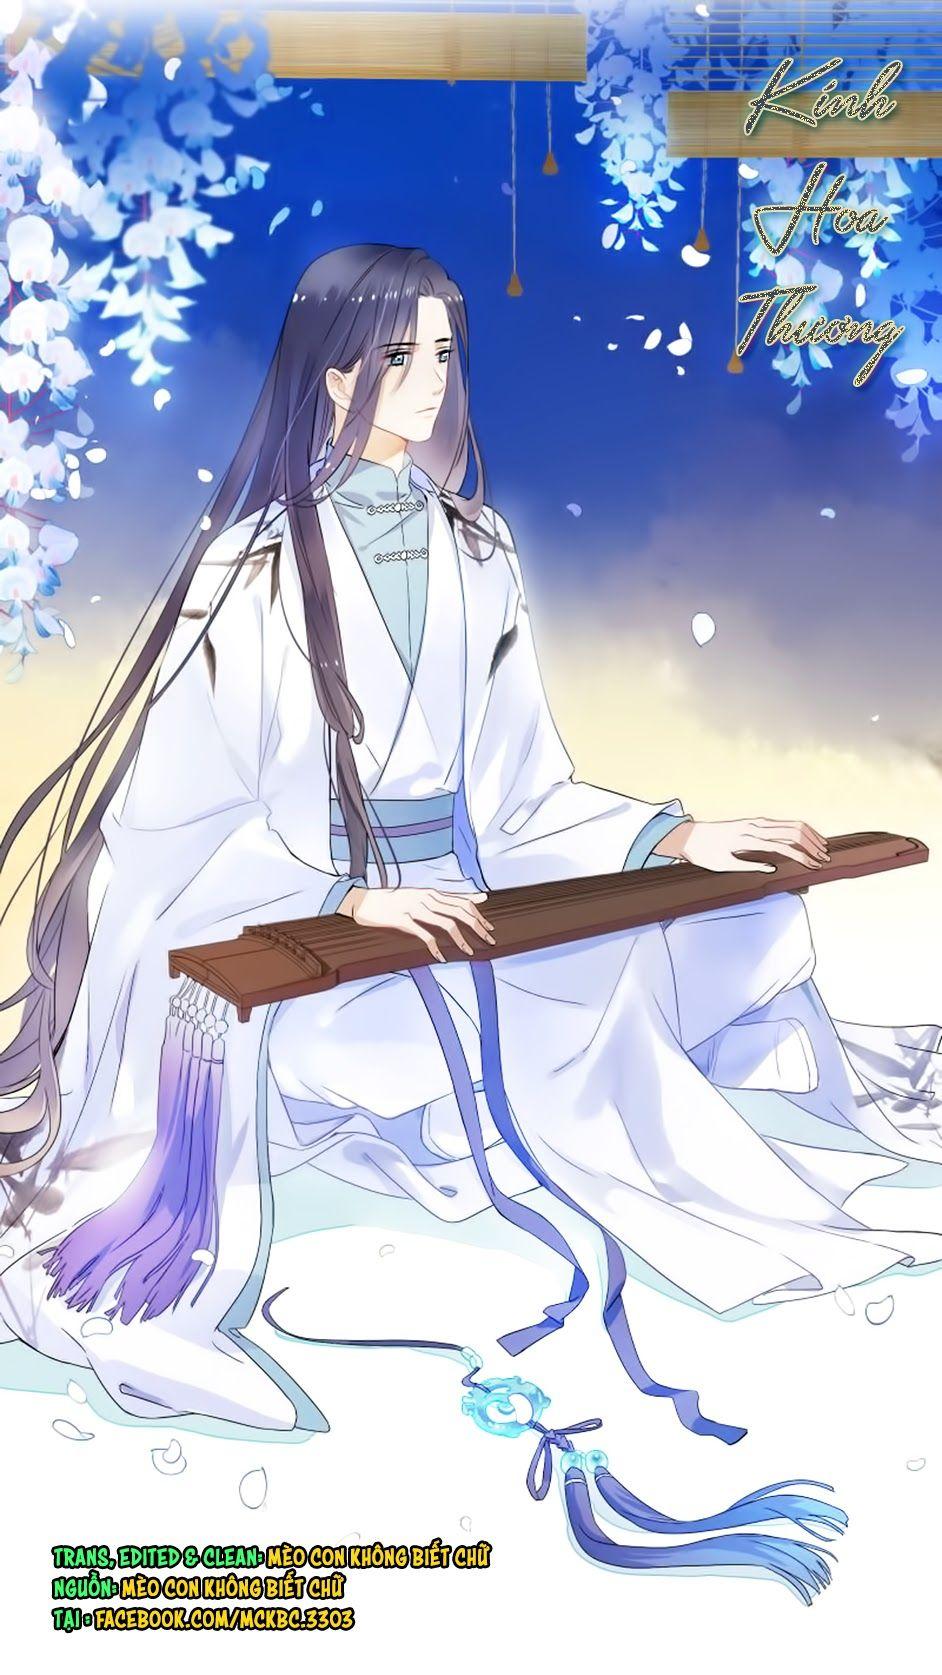 Kính Hoa Thương – Chap 14 | A3 Manga